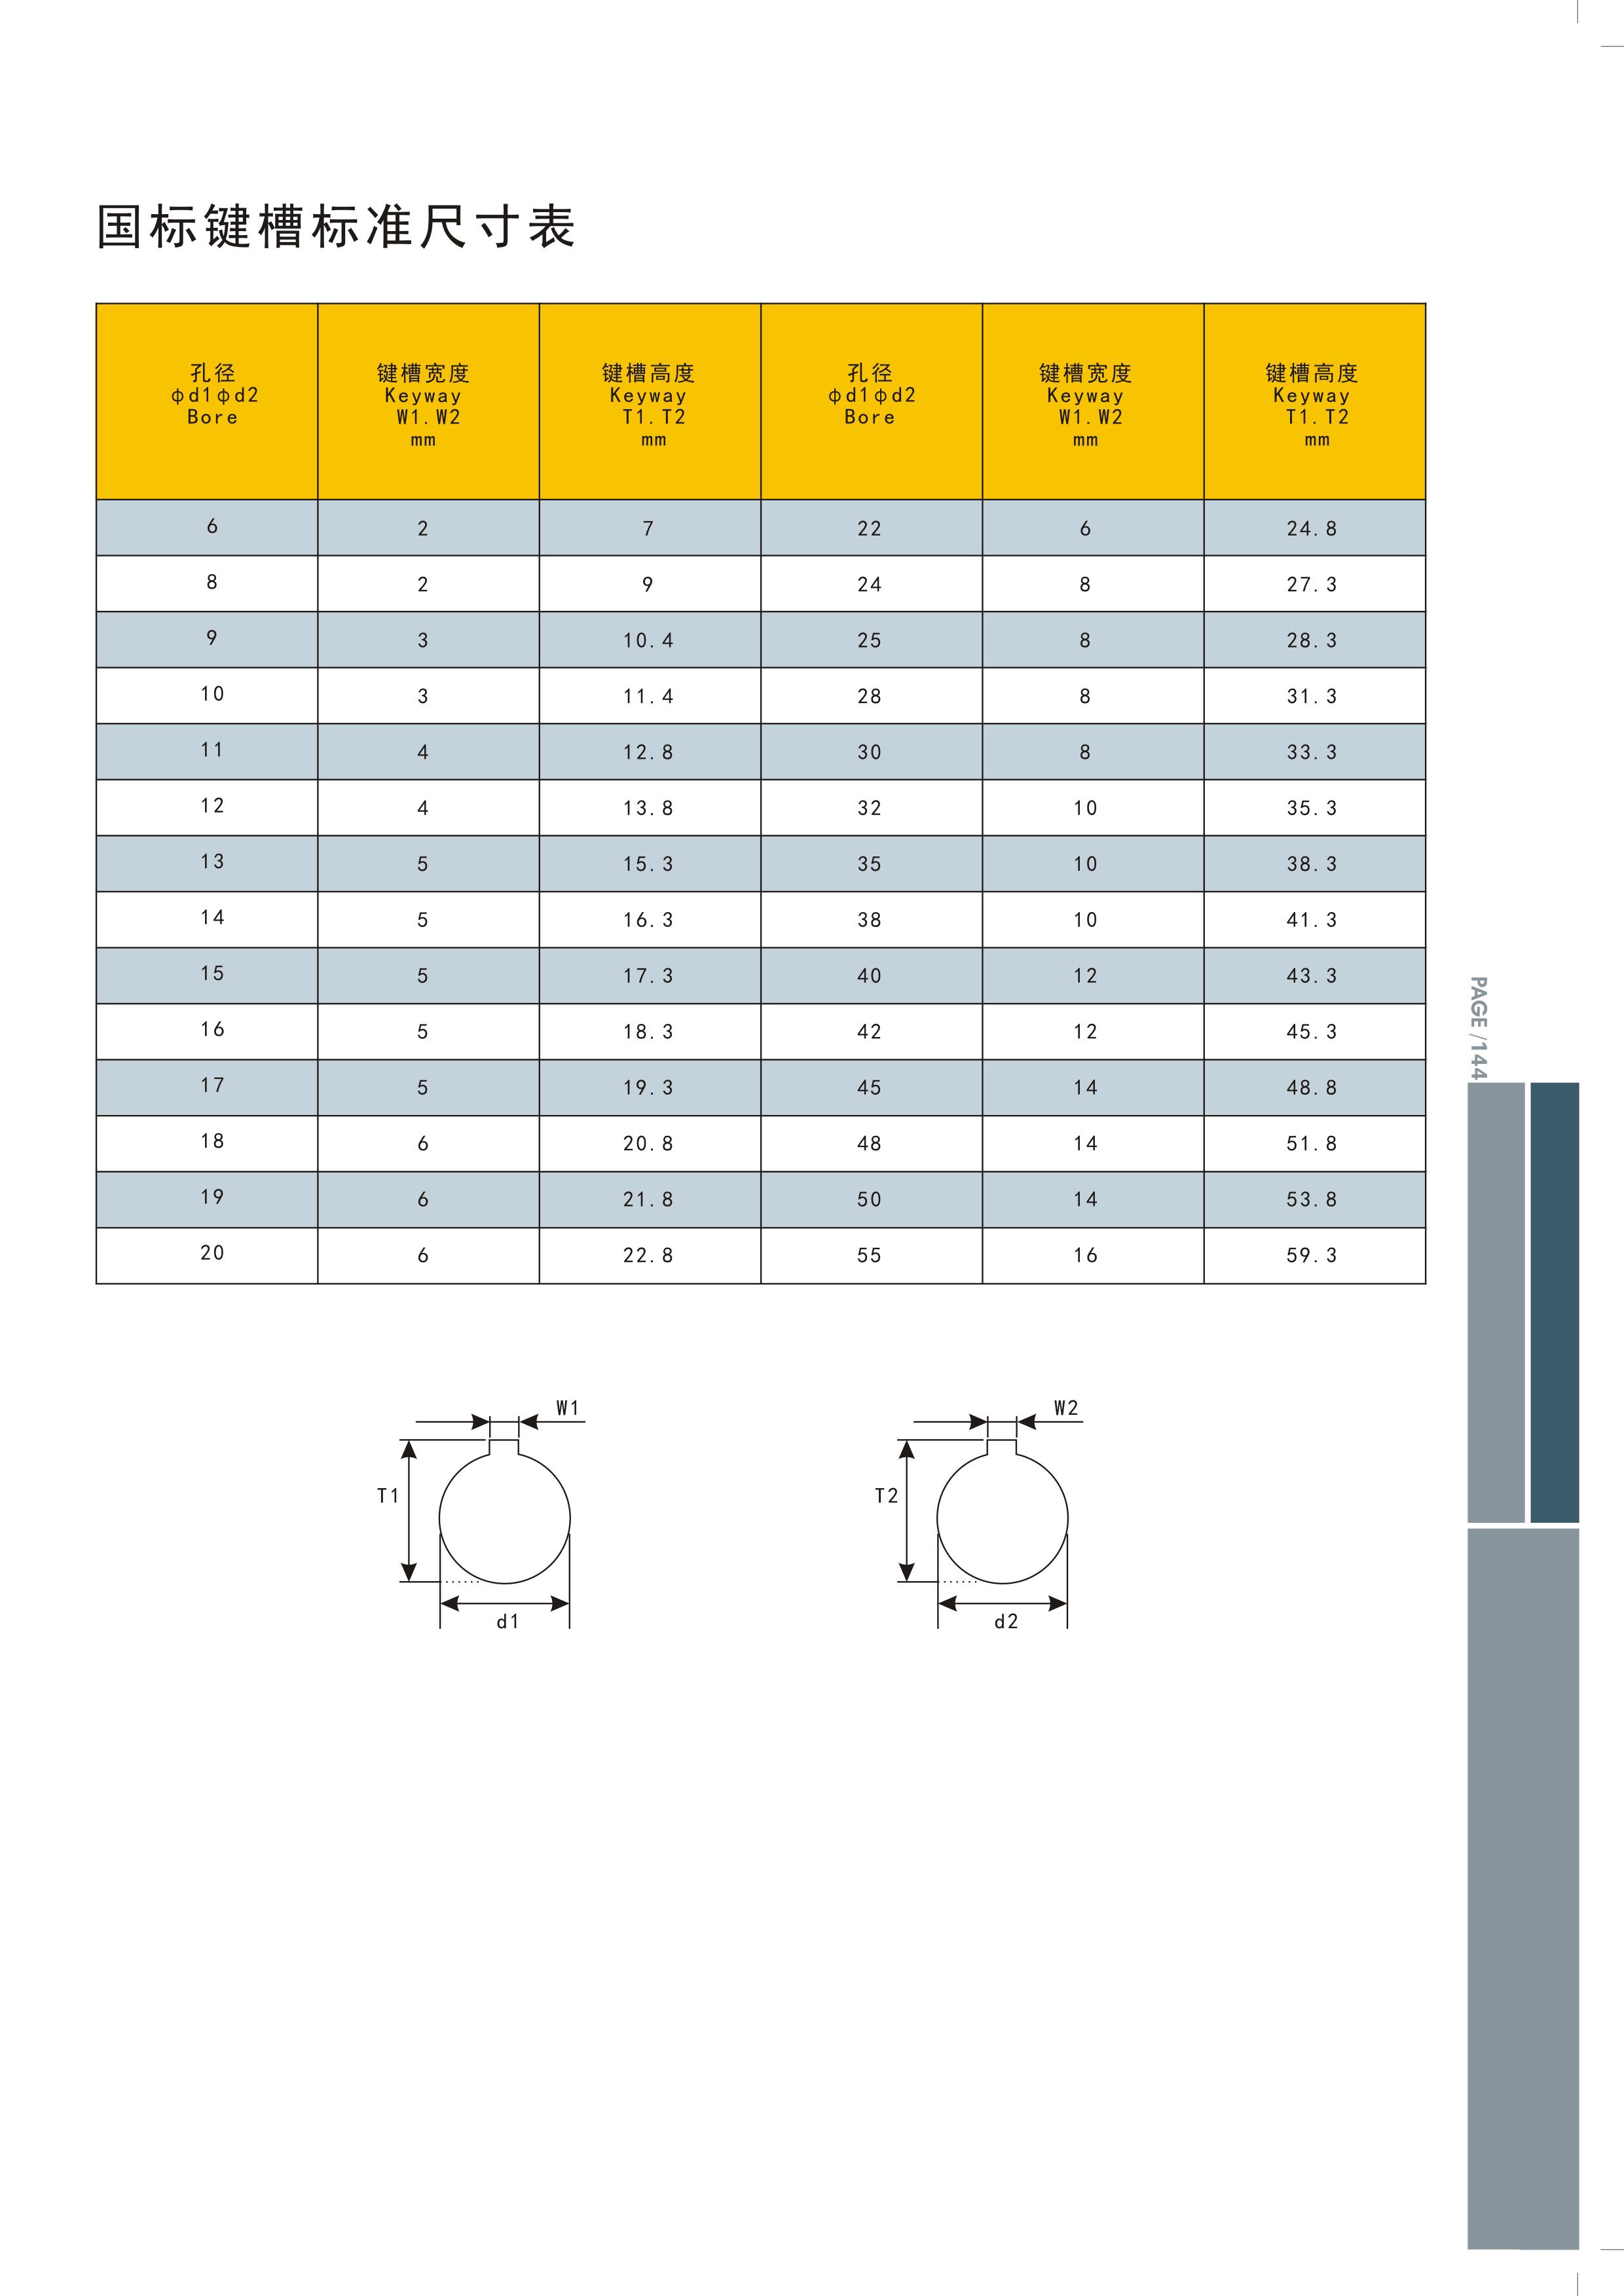 国标键槽标准尺寸表-广州菱科自动化设备有限公司